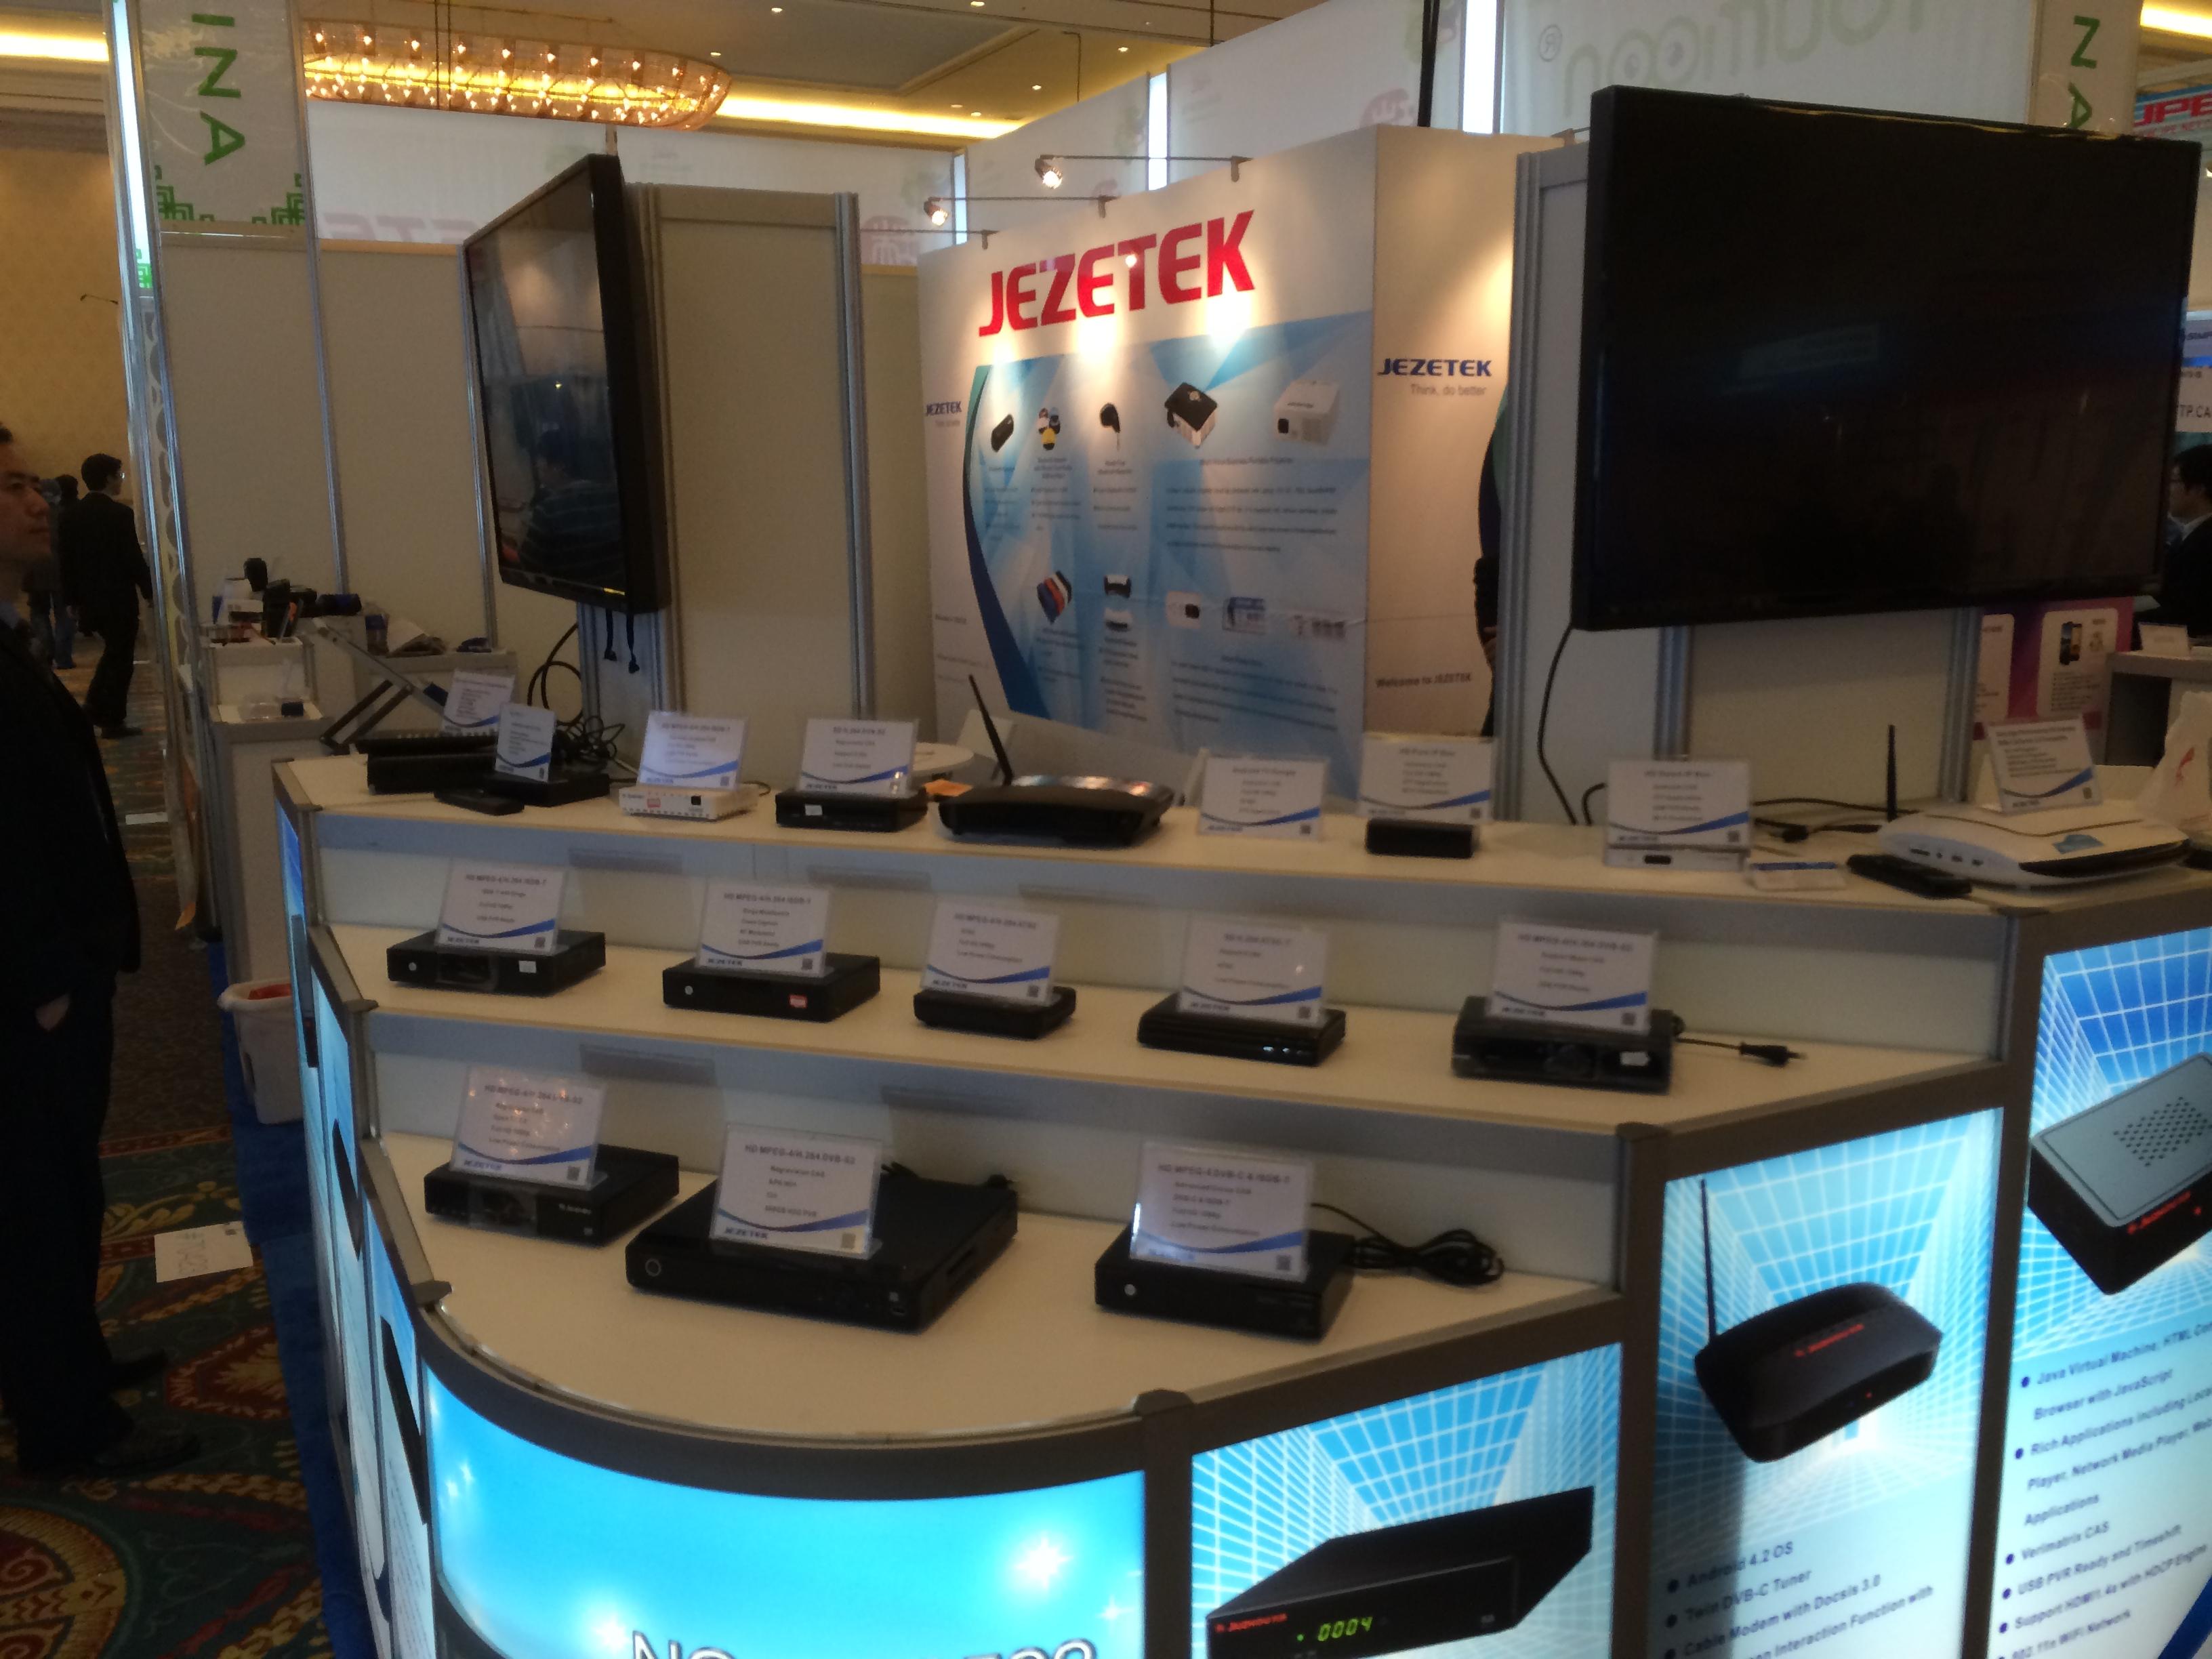 Стенд компании Jezetek на выставке CES 2014